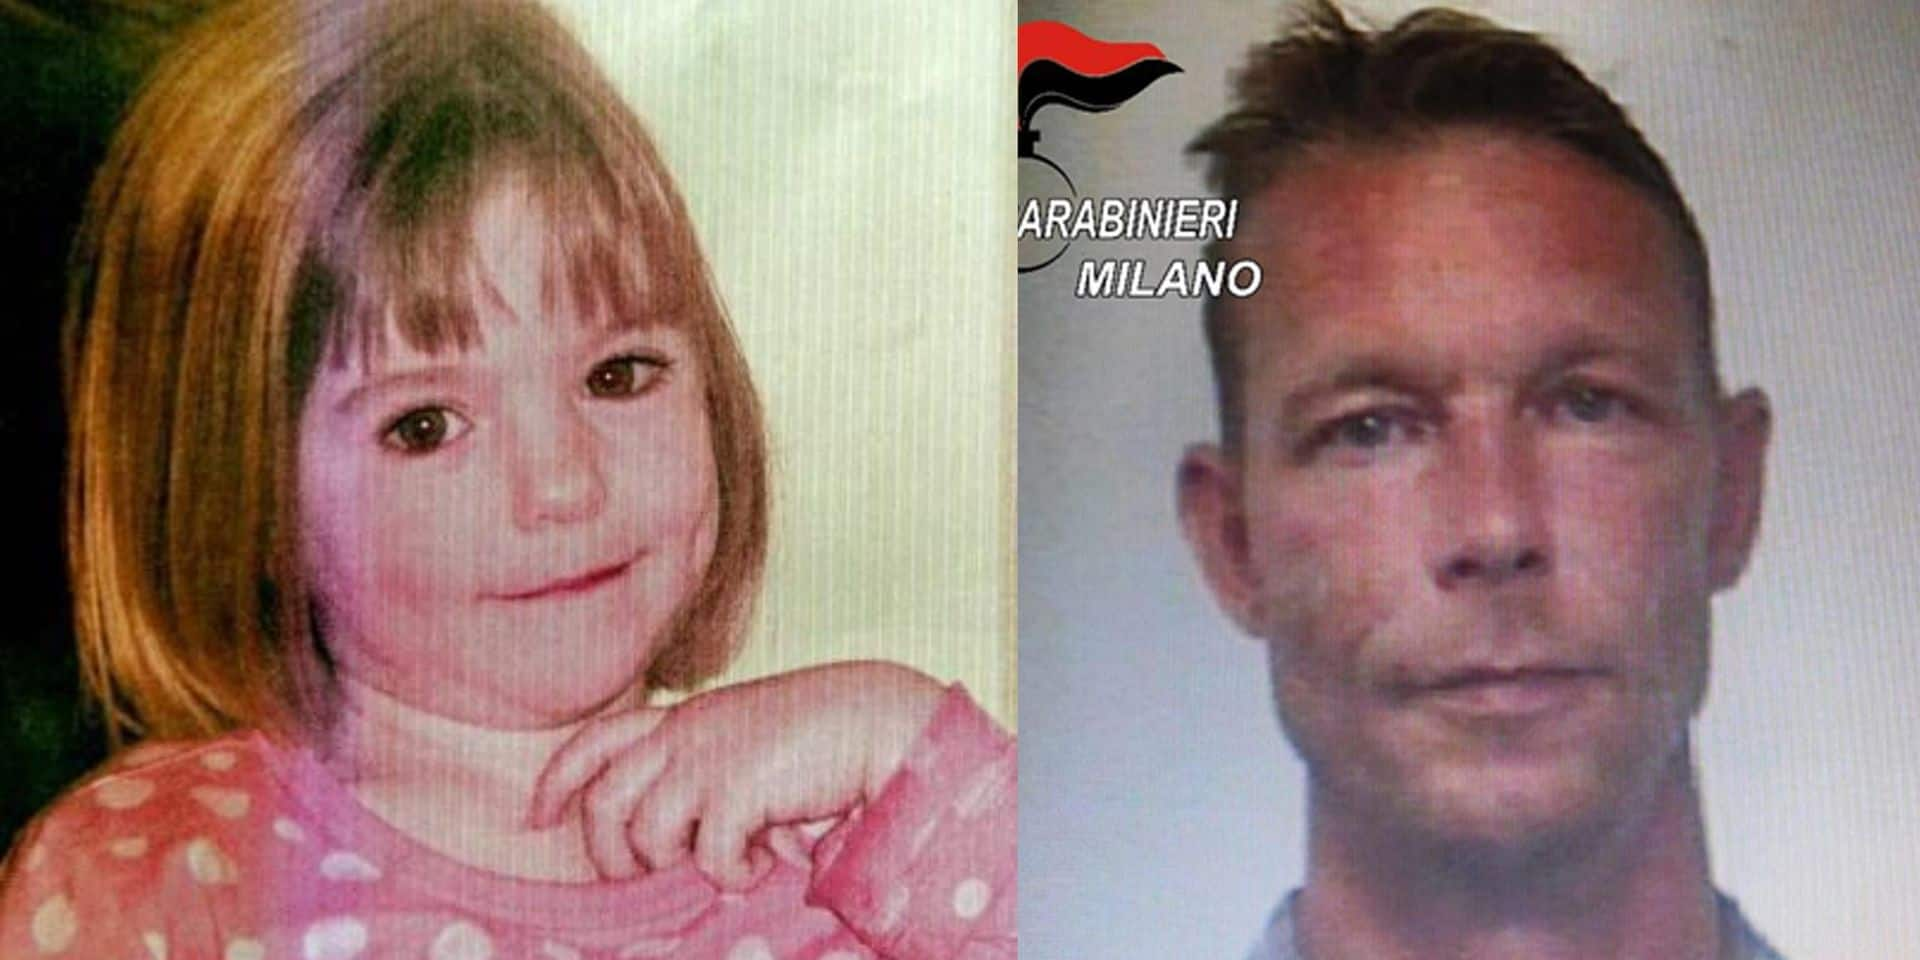 Affaire Maddie: la police allemande a-t-elle commis une grave erreur en 2013?